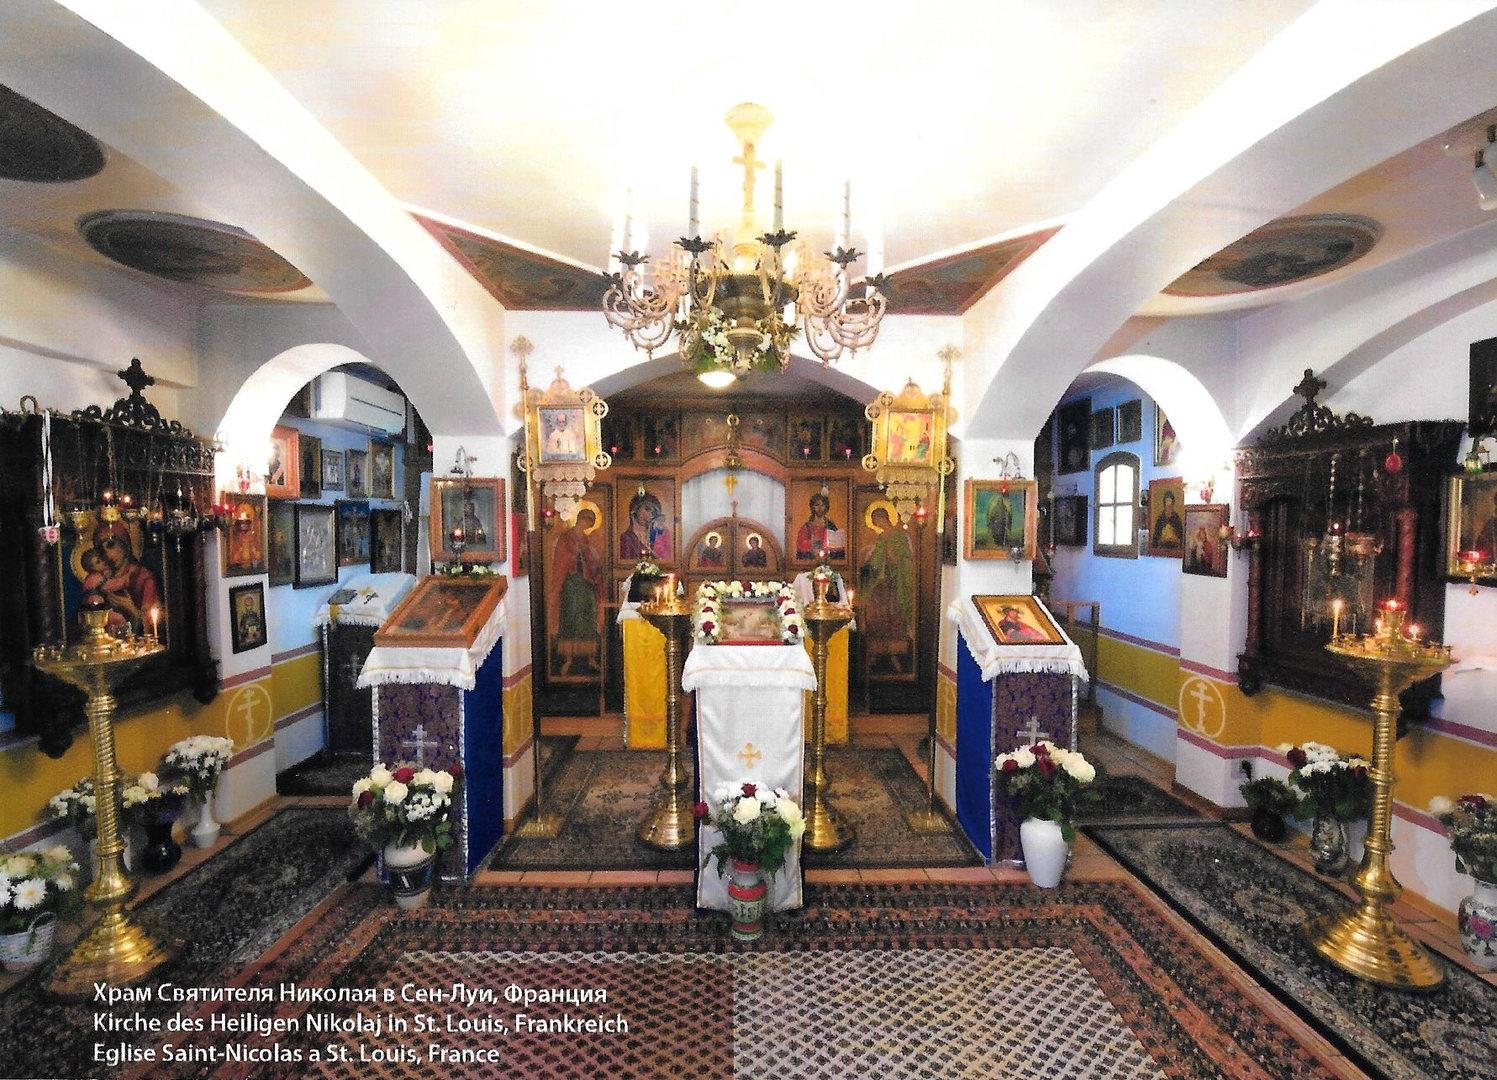 Église orthodoxe russe Saint Nicolas - Patriarcat de Moscou, Saint-Louis, France (Russische Kirche Basel - Lörrach - Saint-Louis - Weil am Rhein), Vladimir Shibaeff, Dimitri Shibaeff